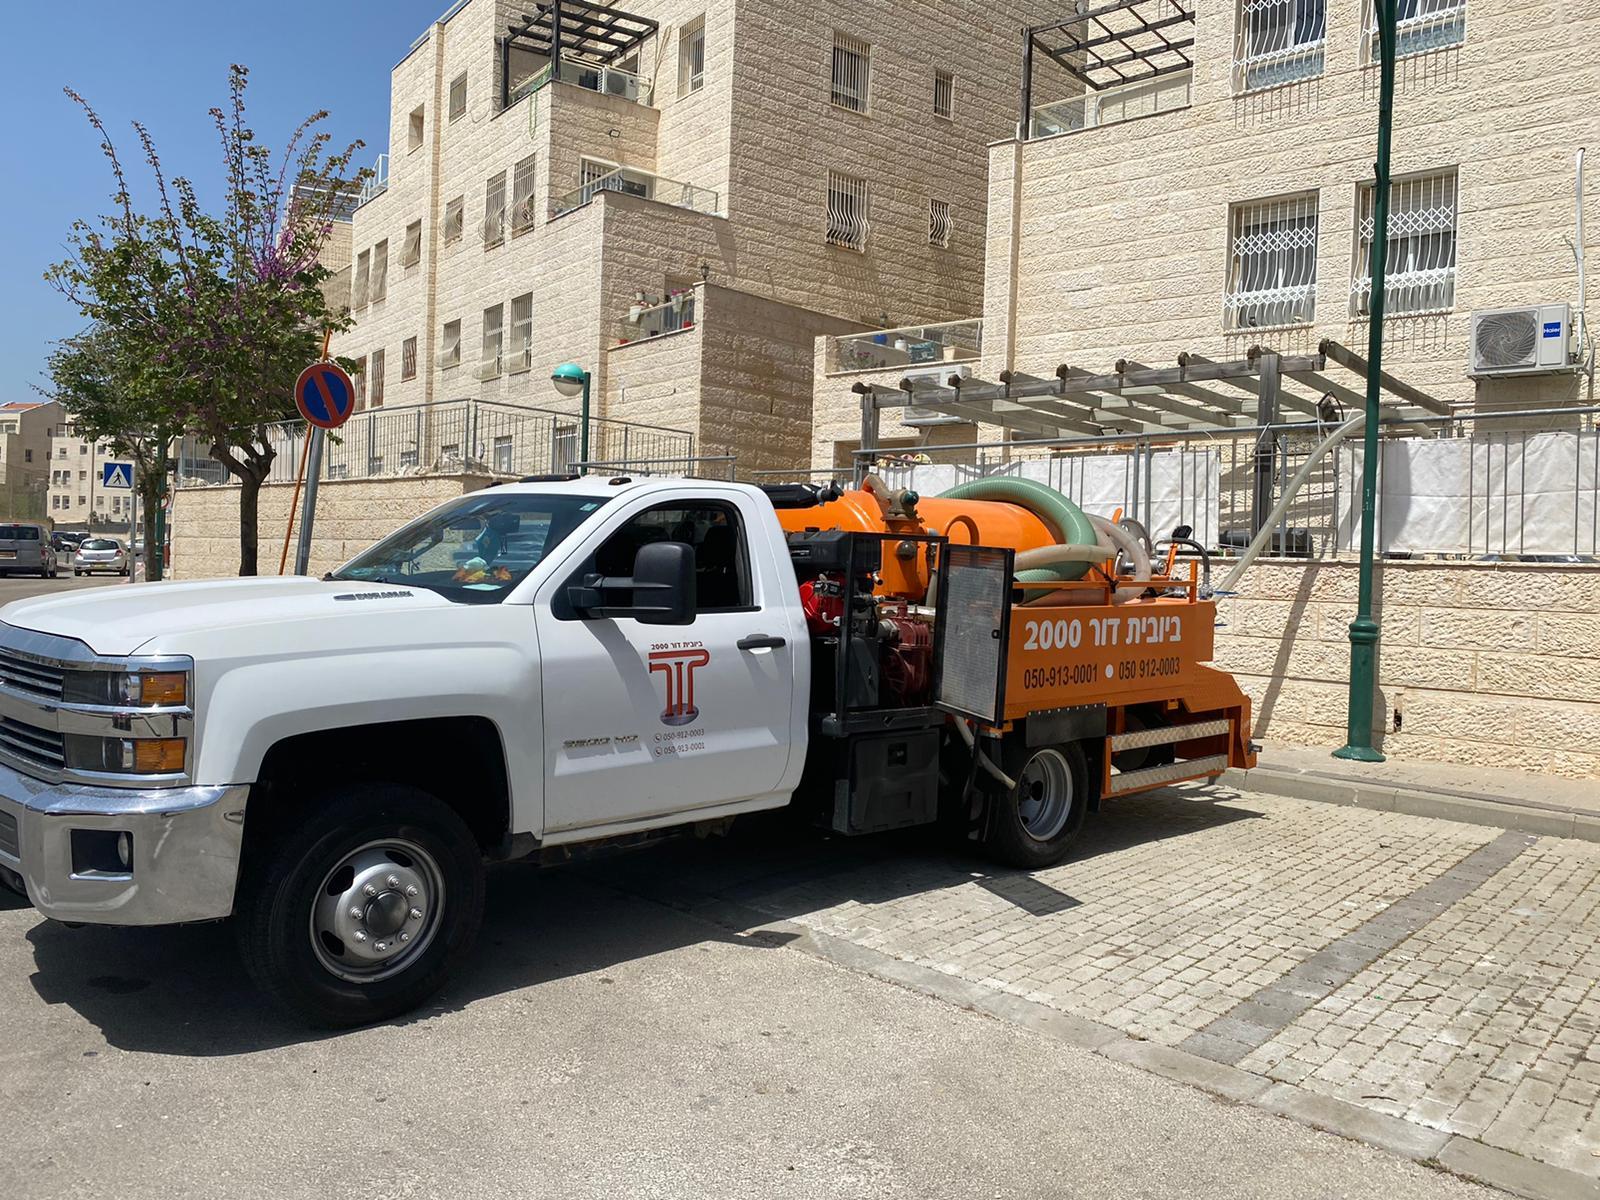 פתיחת סתימה הכוללת שאיבה בבניין מגורים משותף ביישוב גבעת זאב.